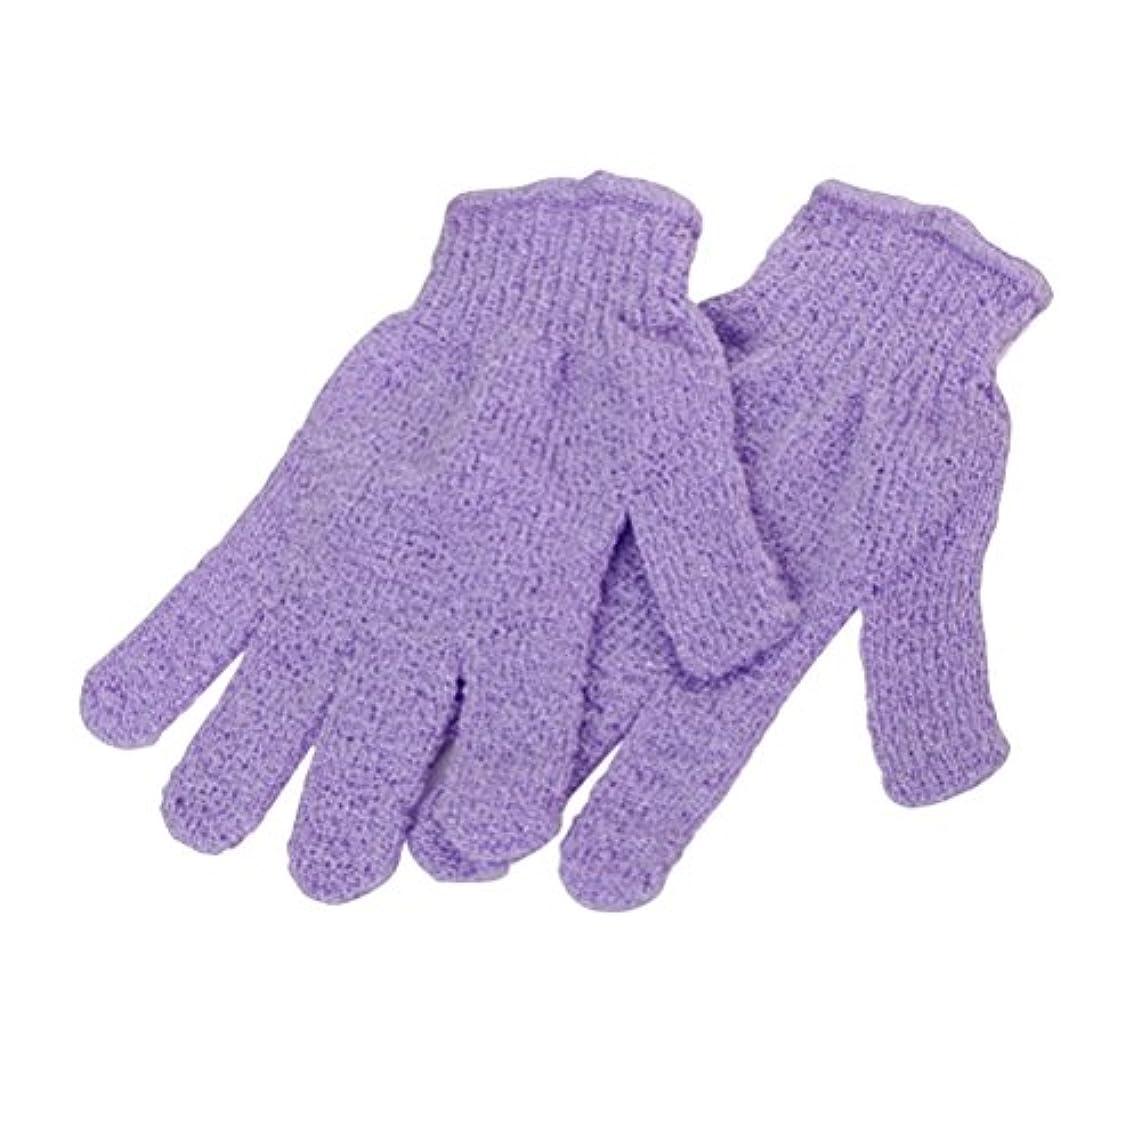 お手伝いさん正しくリテラシーSUPVOX 2対のシャワー用手袋浴体剥離手袋(ランダムカラー)